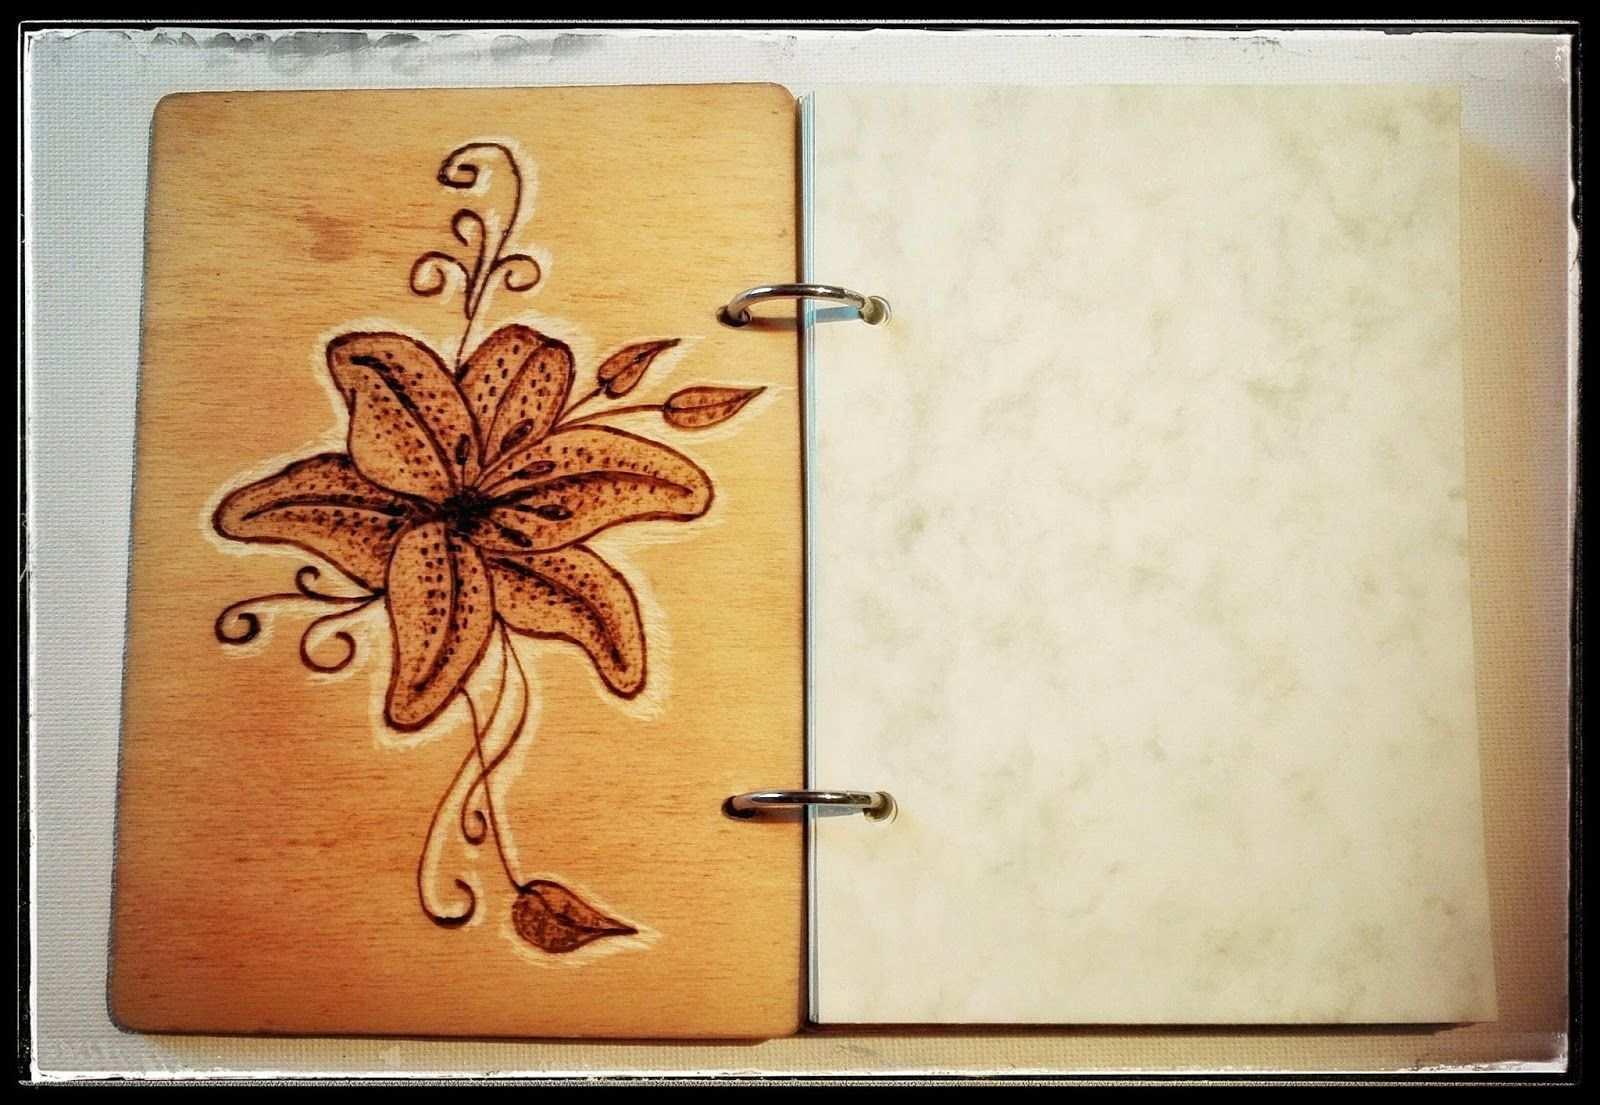 Schlusselanhanger Aus Holz Diy Valentinstagskarten Notizbuch Aus Holz Turschildchen Holz Brennen Gravieren G Geschenke Aus Holz Basteln Mit Holz Holz Diy